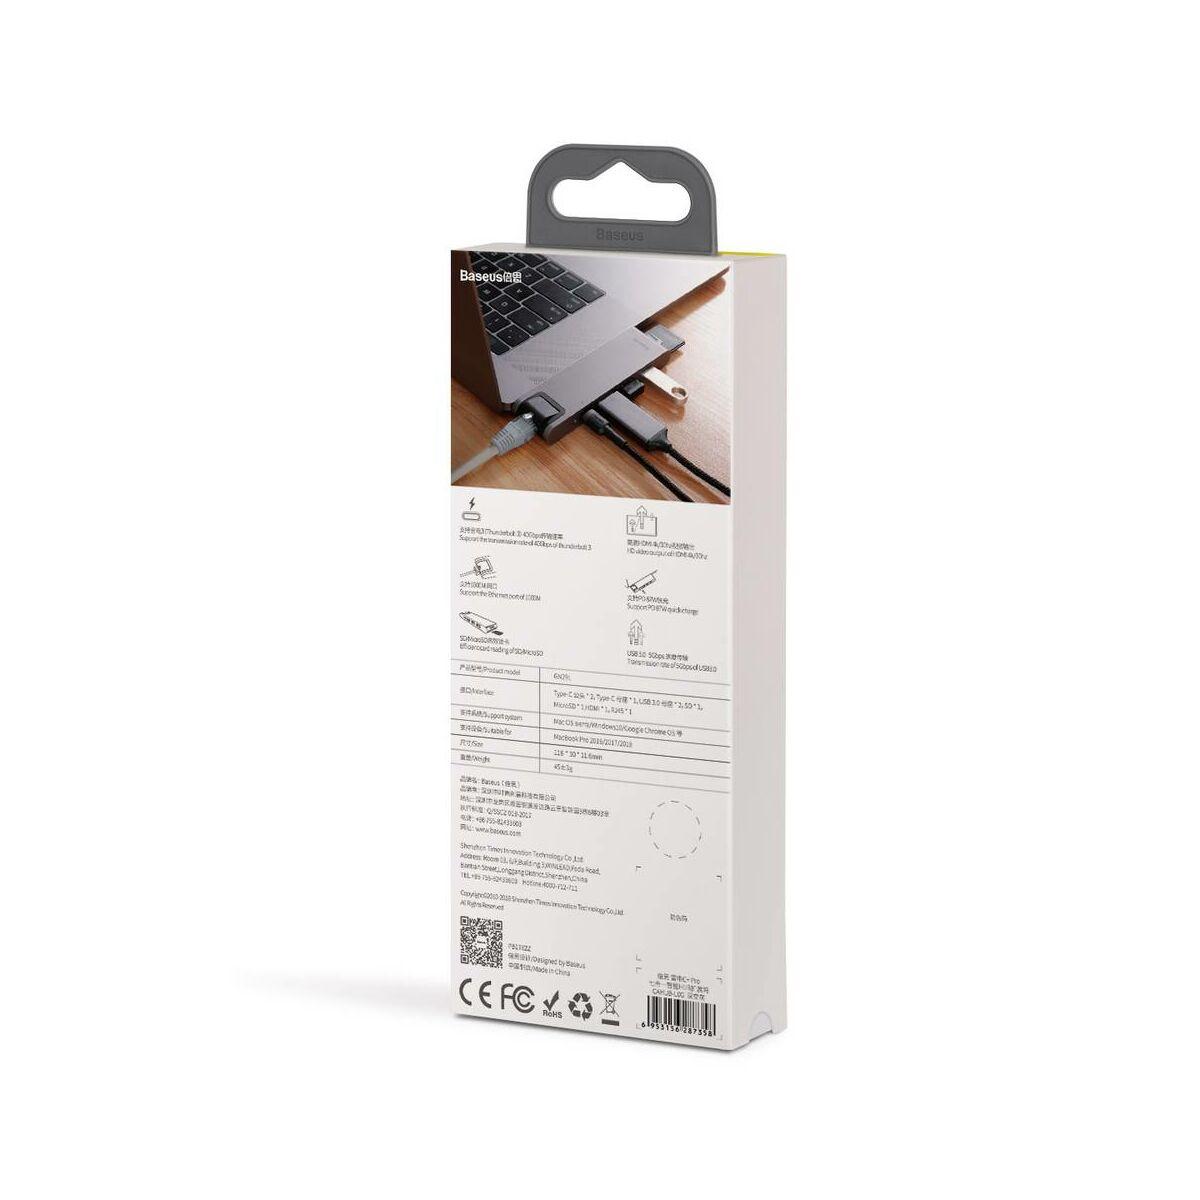 Baseus HUB, Thunderbolt C+Pro 7-in-1 (dual Type C bemenetről - SD/MicroSD/RJ45/2xUSB3.0/HDMI/Type-C) dokkoló állomás, szürke (CAHUB-L0G)